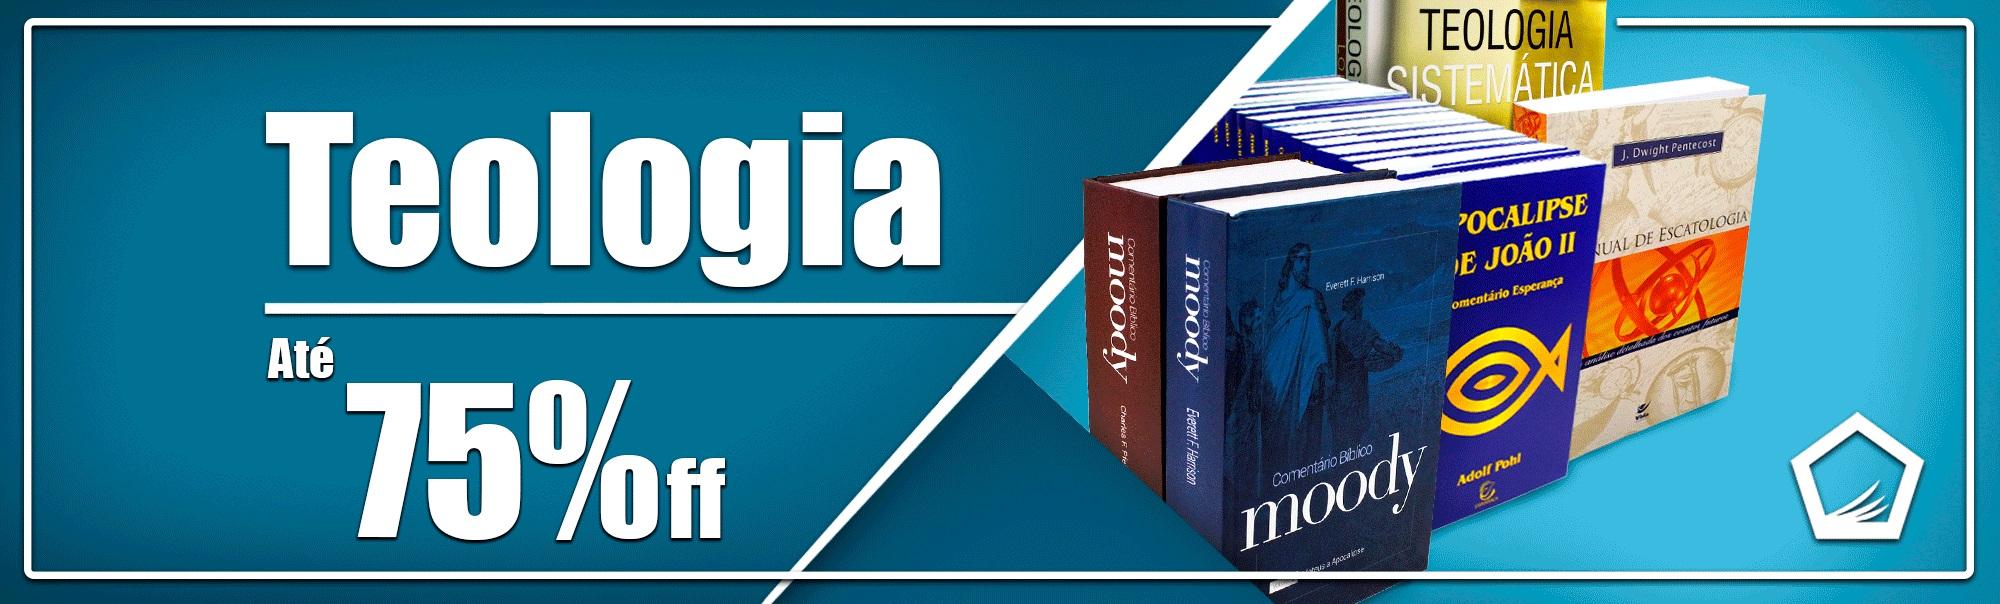 Livros de Teologia em Promoção | Livraria Cristã Emmerick